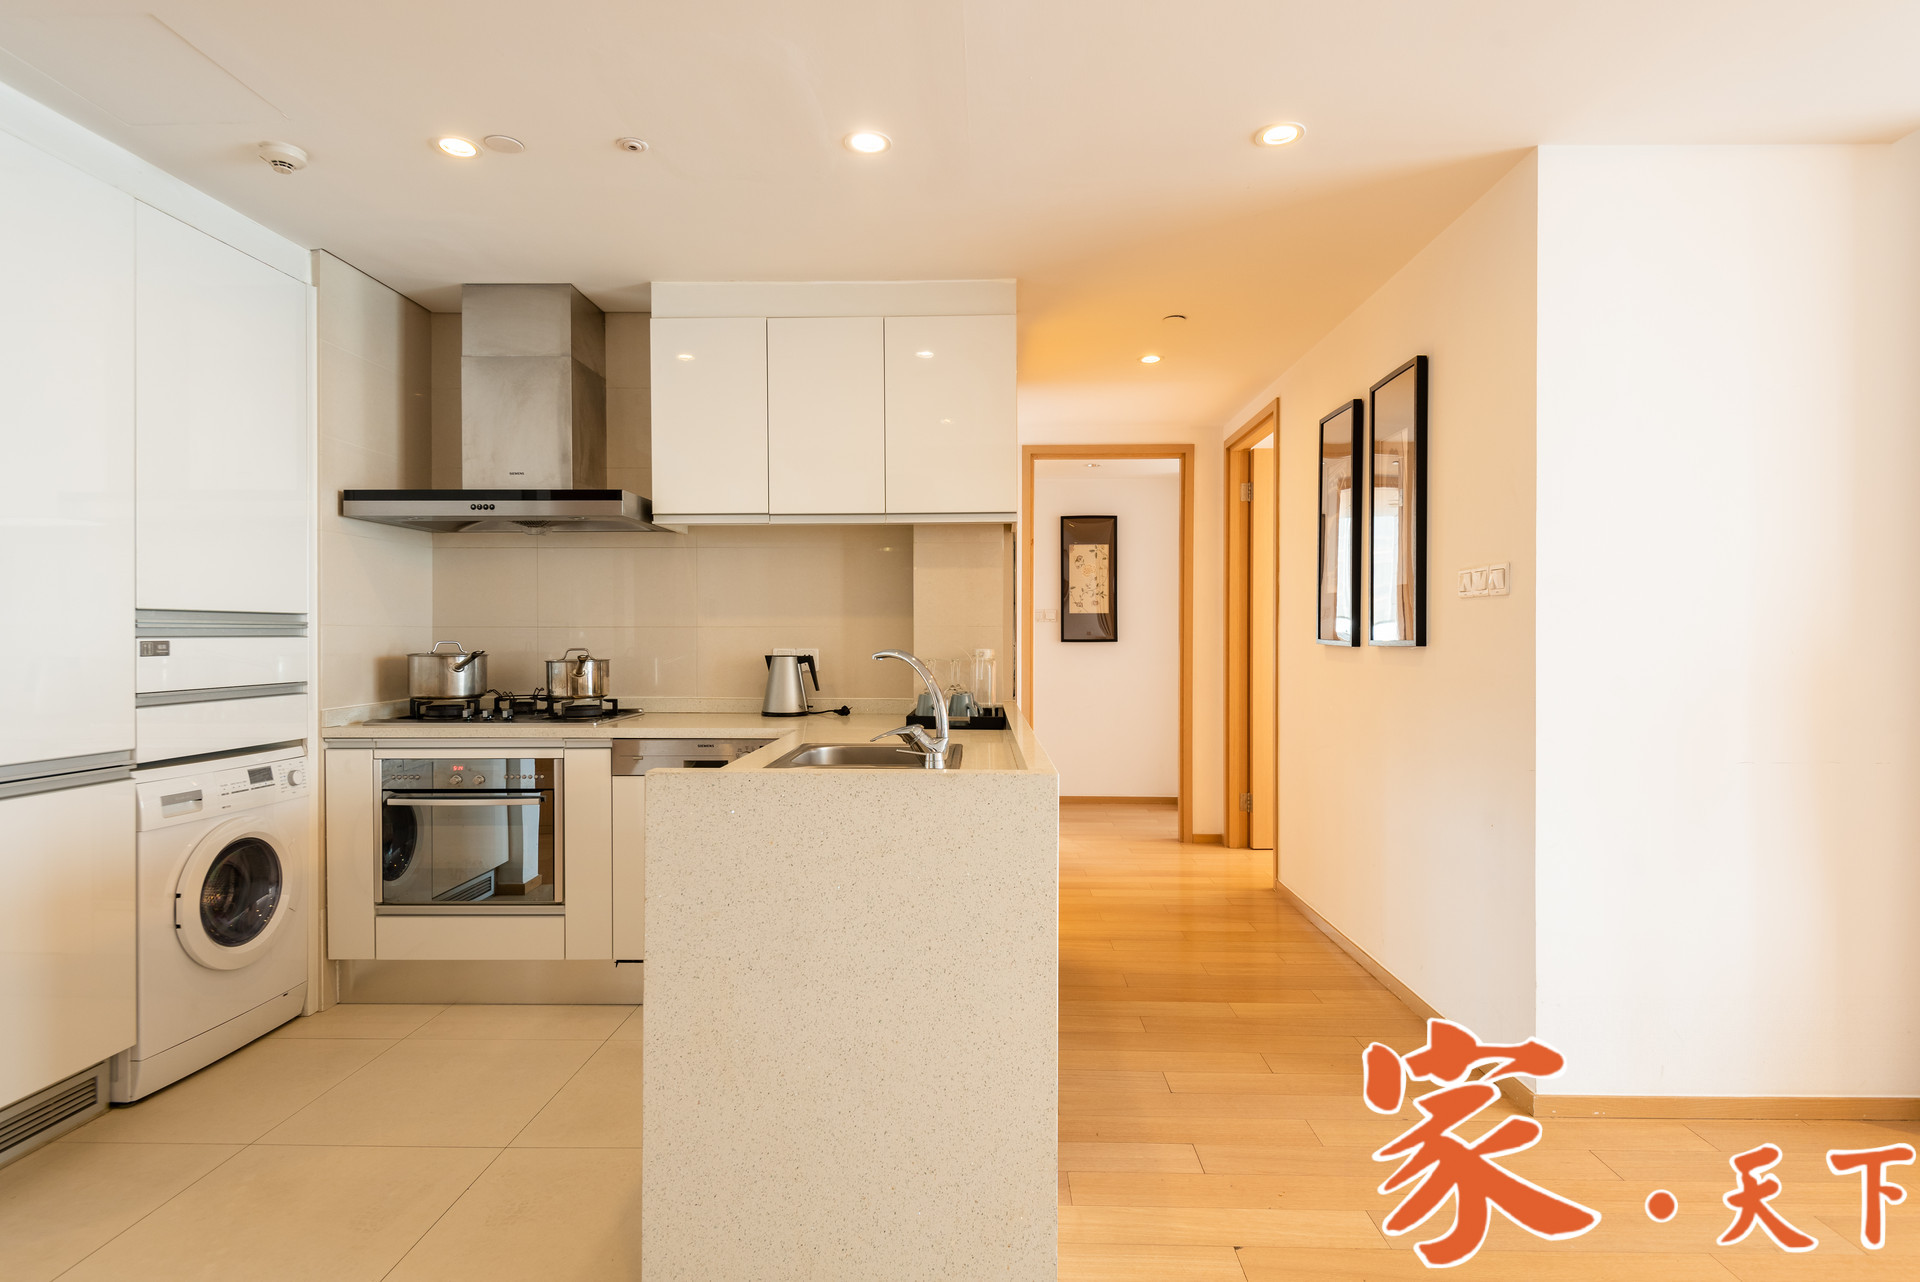 顺心装修公司专为纽约华人朋友服务,服务项目:庭院车道、屋顶外墙、厨房浴室、木工油漆、瓷砖地砖、土库翻新、室外装修、室内装修。